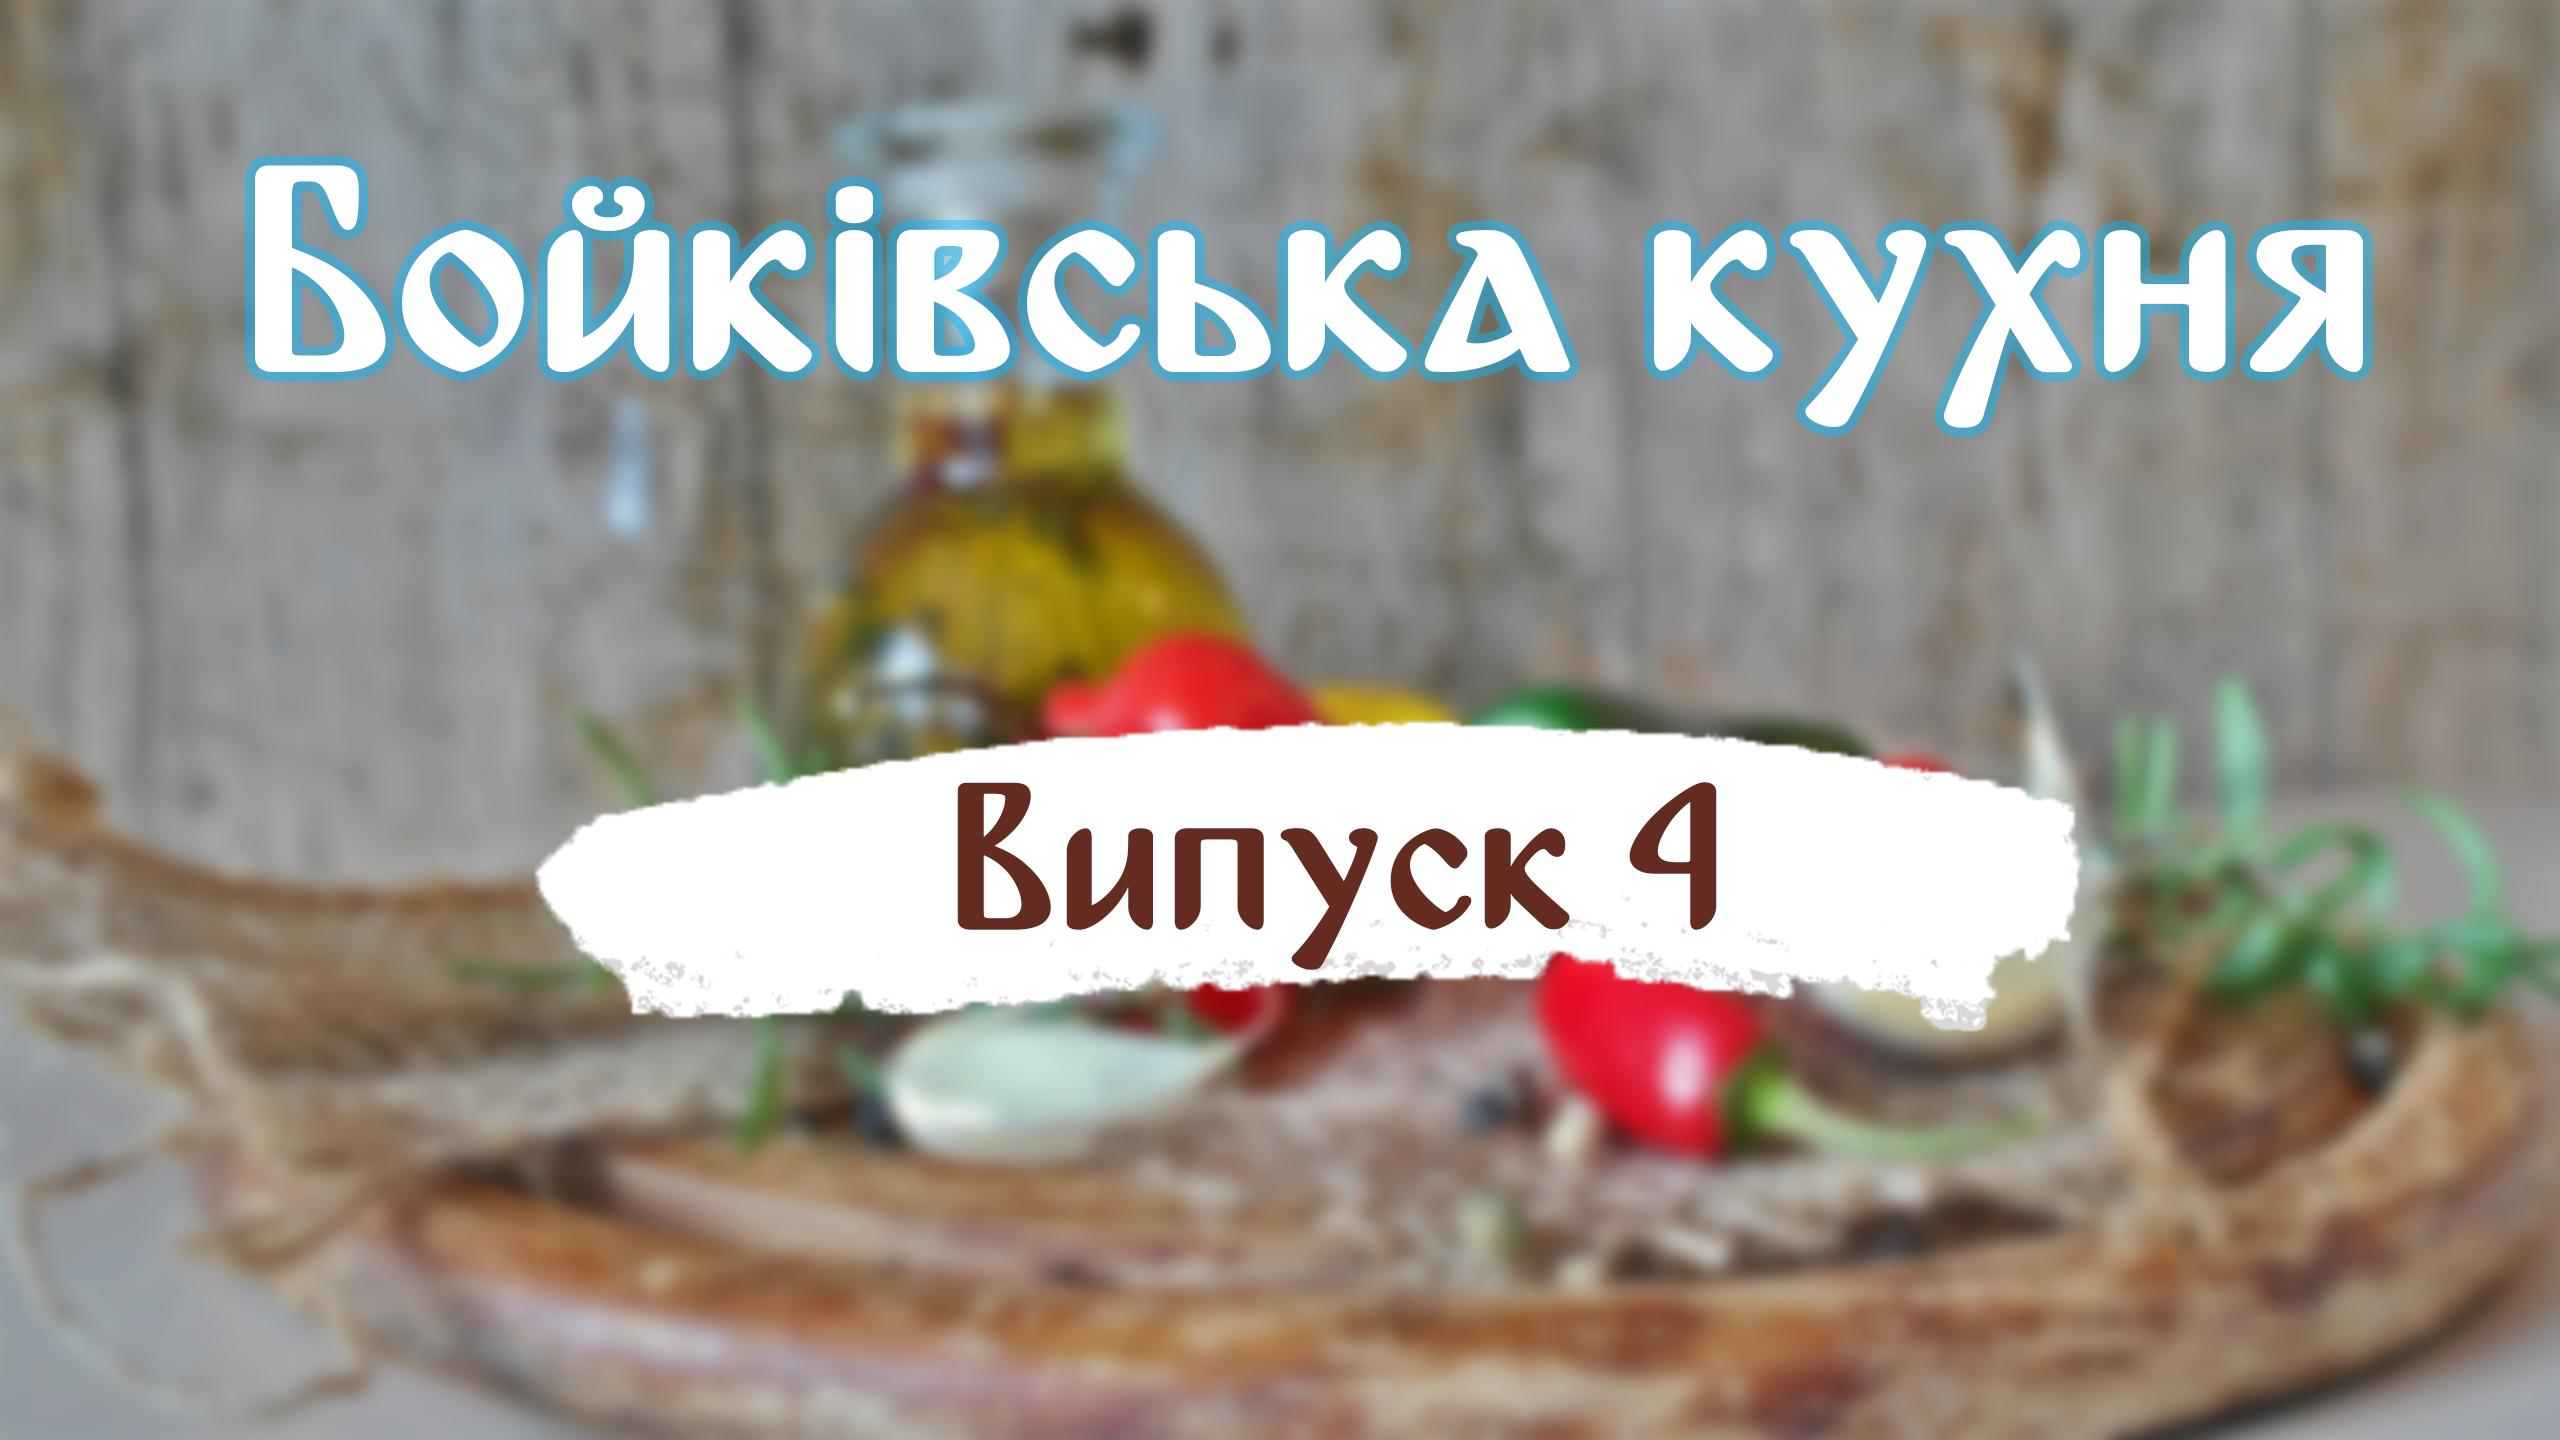 Бойківська кухня. Випуск 4. Борщ волоцюга.